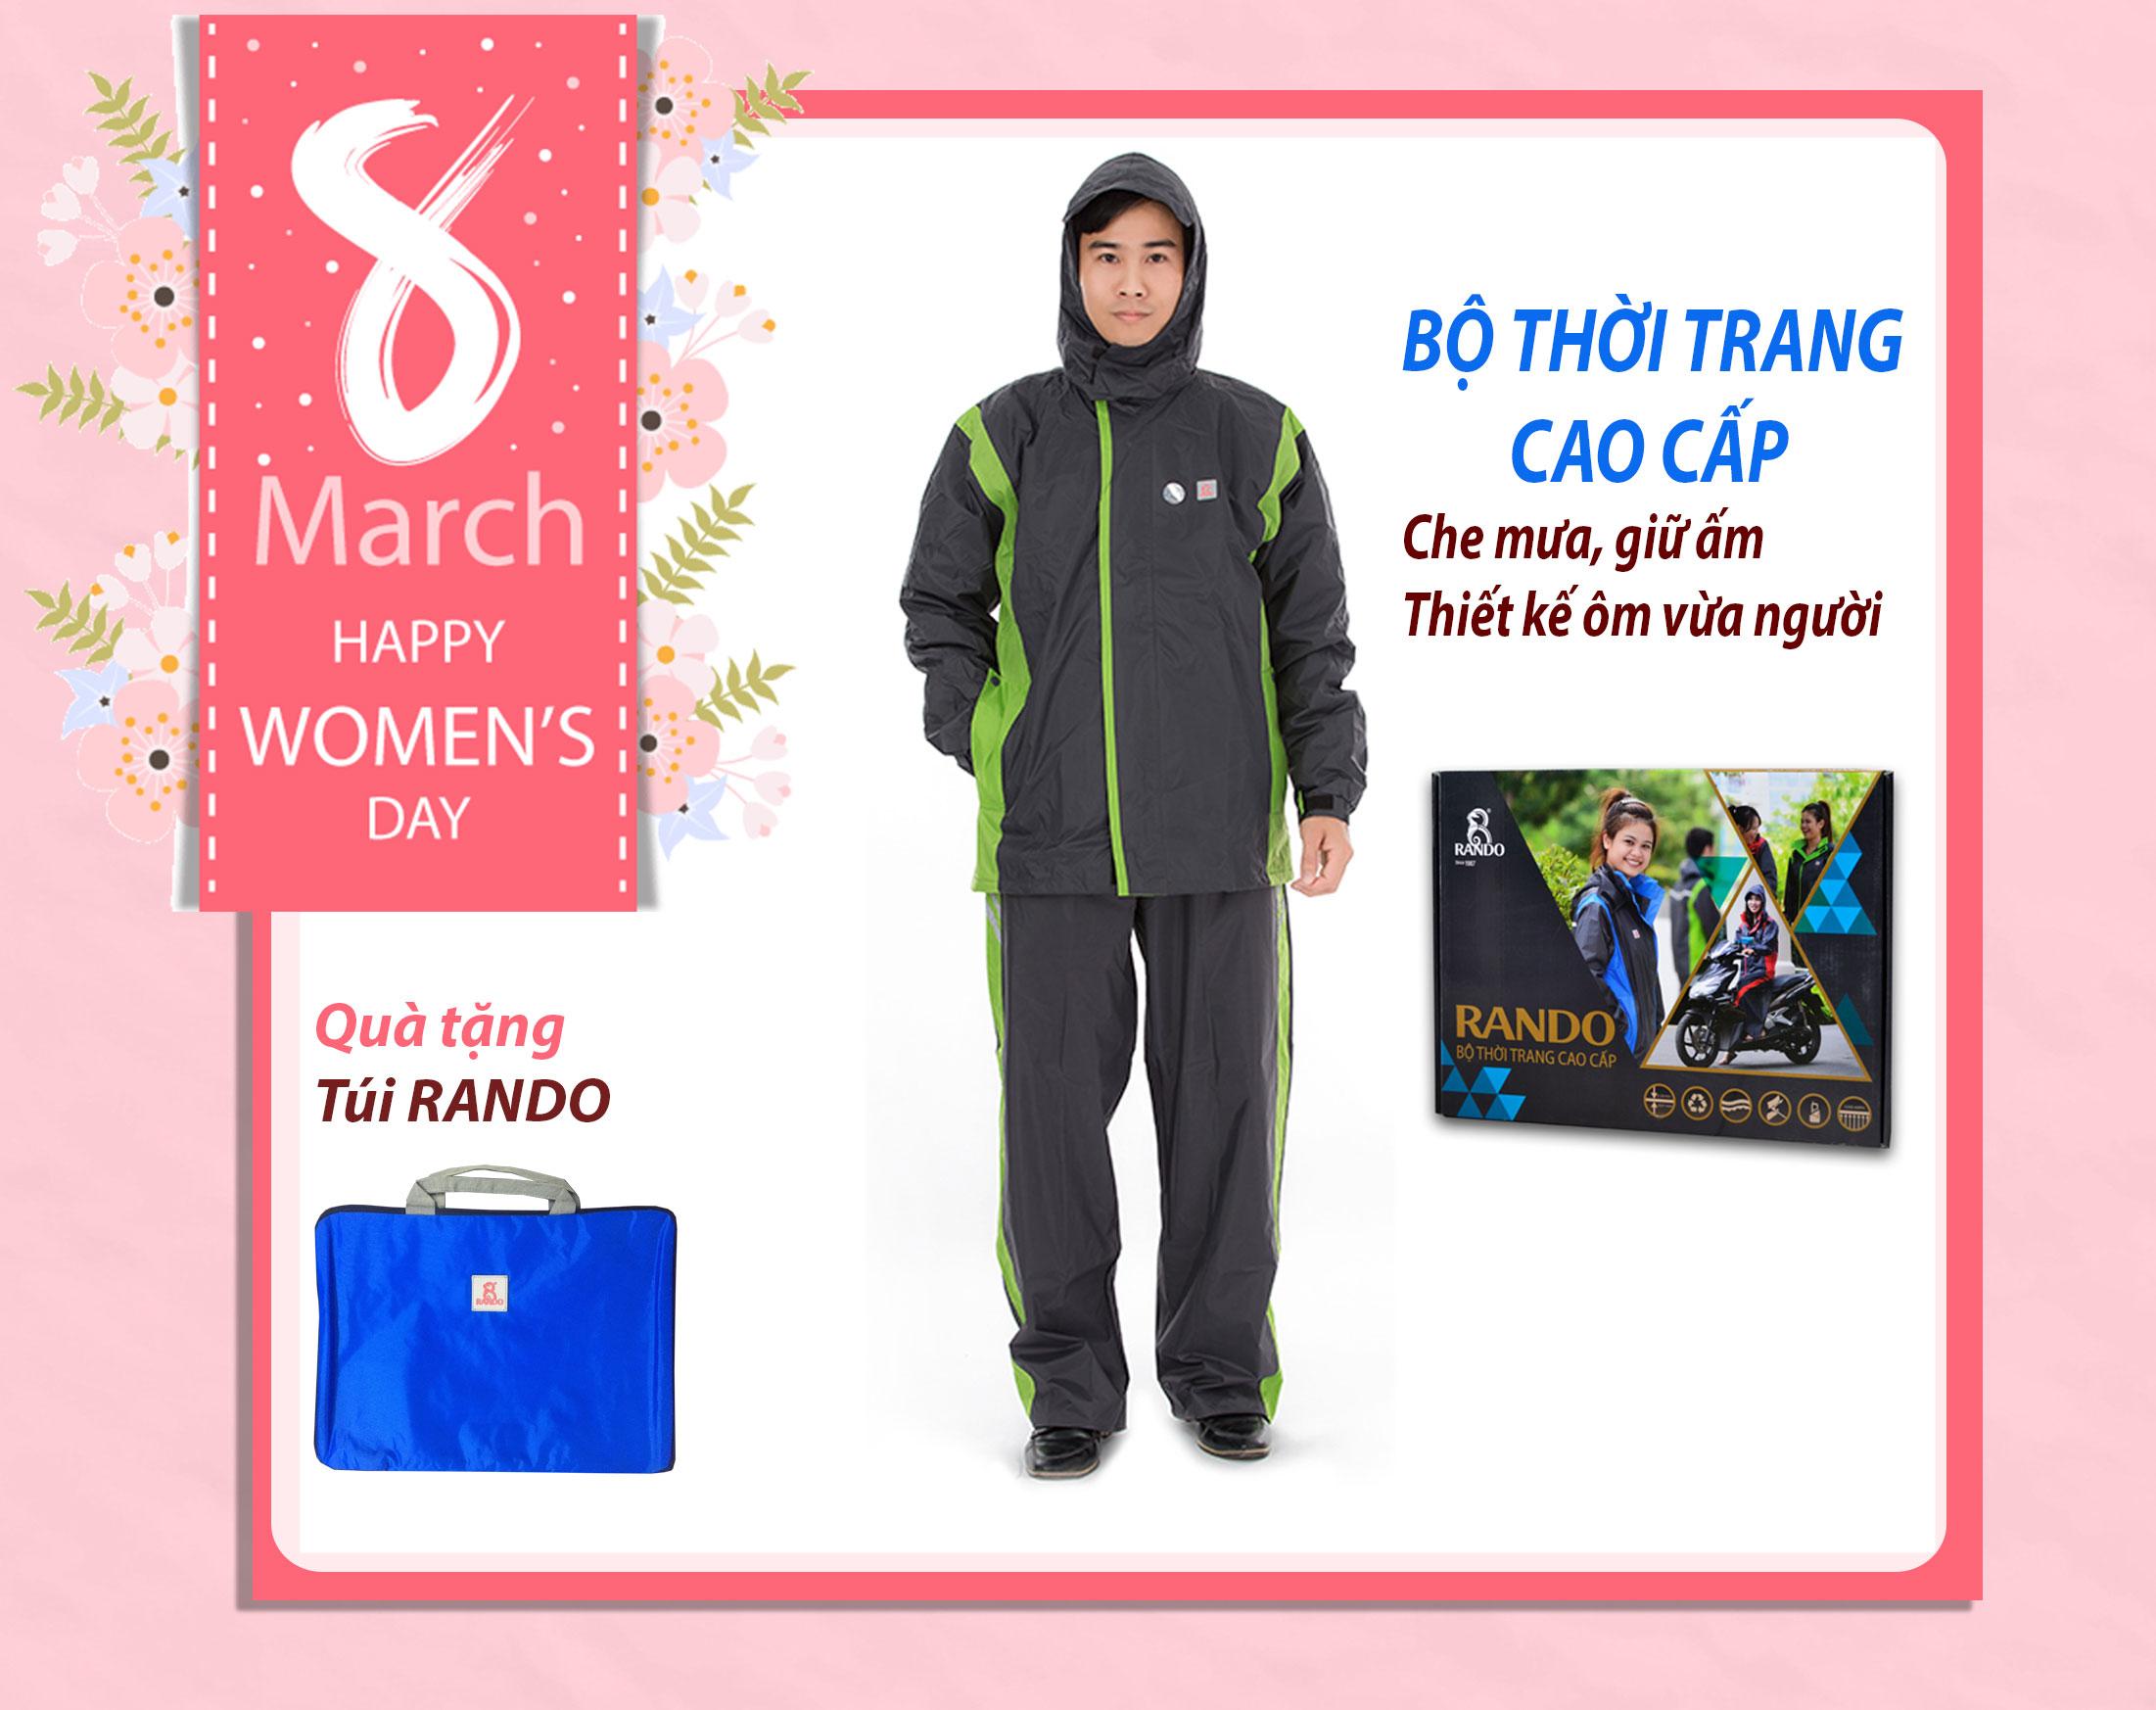 Áo mưa bộ thời trang cao cấp RANDO khuyến mãi 8-3